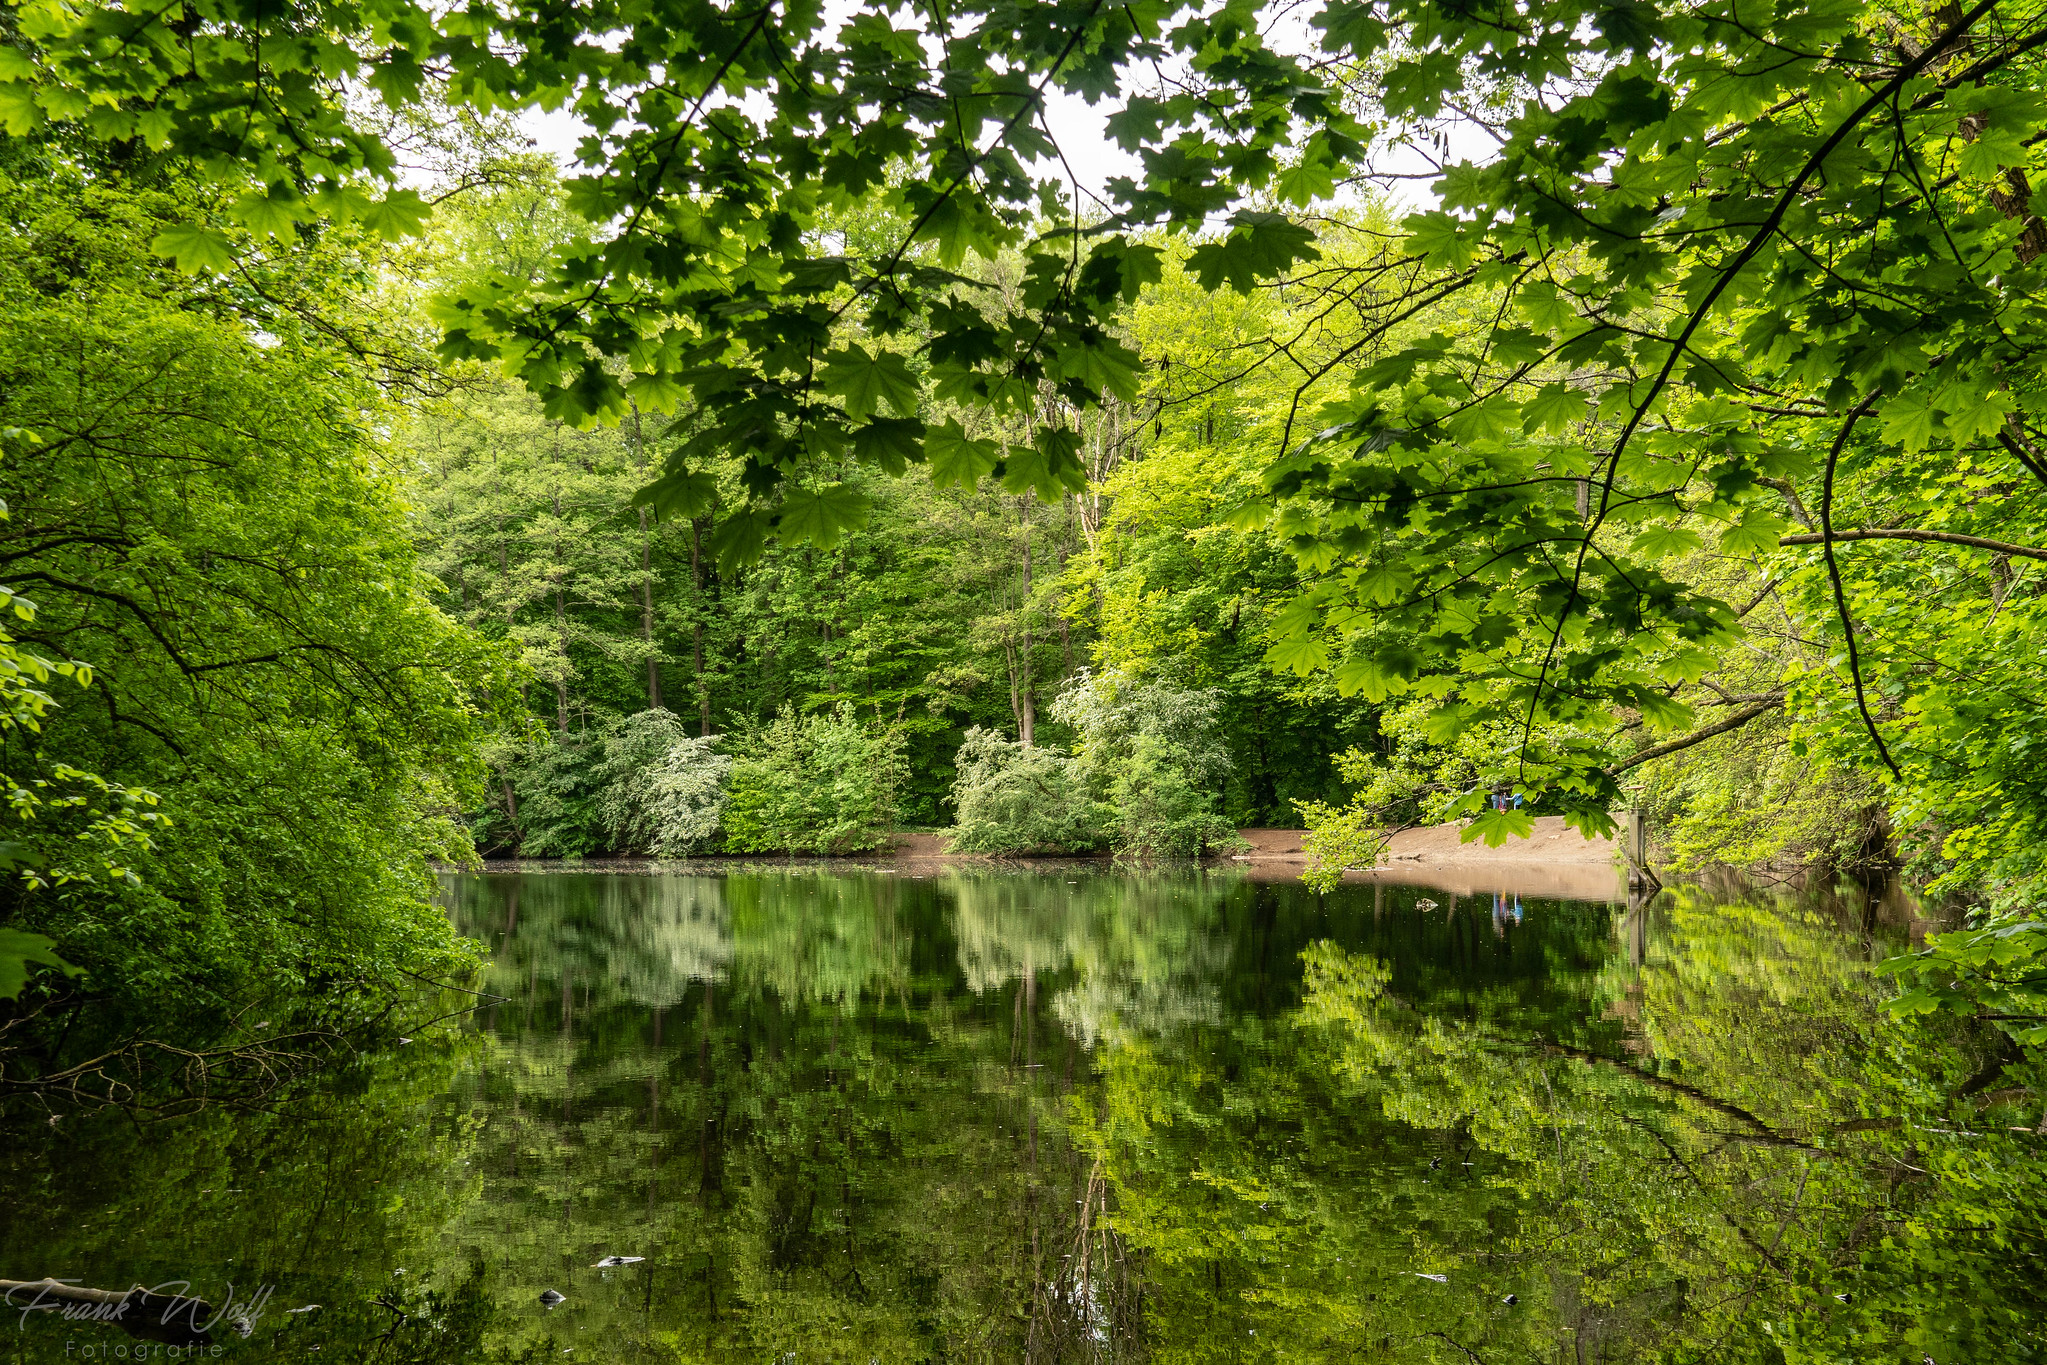 """Der Jacobiweiher. Im Volksmund wird der Weiher auch liebevoll """"Vierwaldstätter-See"""" genannt, wegen der Ähnlichkeit, der Form und der vier umliegenden """"Städte"""" Niederrad, Oberrad, Sachsenhausen, Neu-Isenburg."""